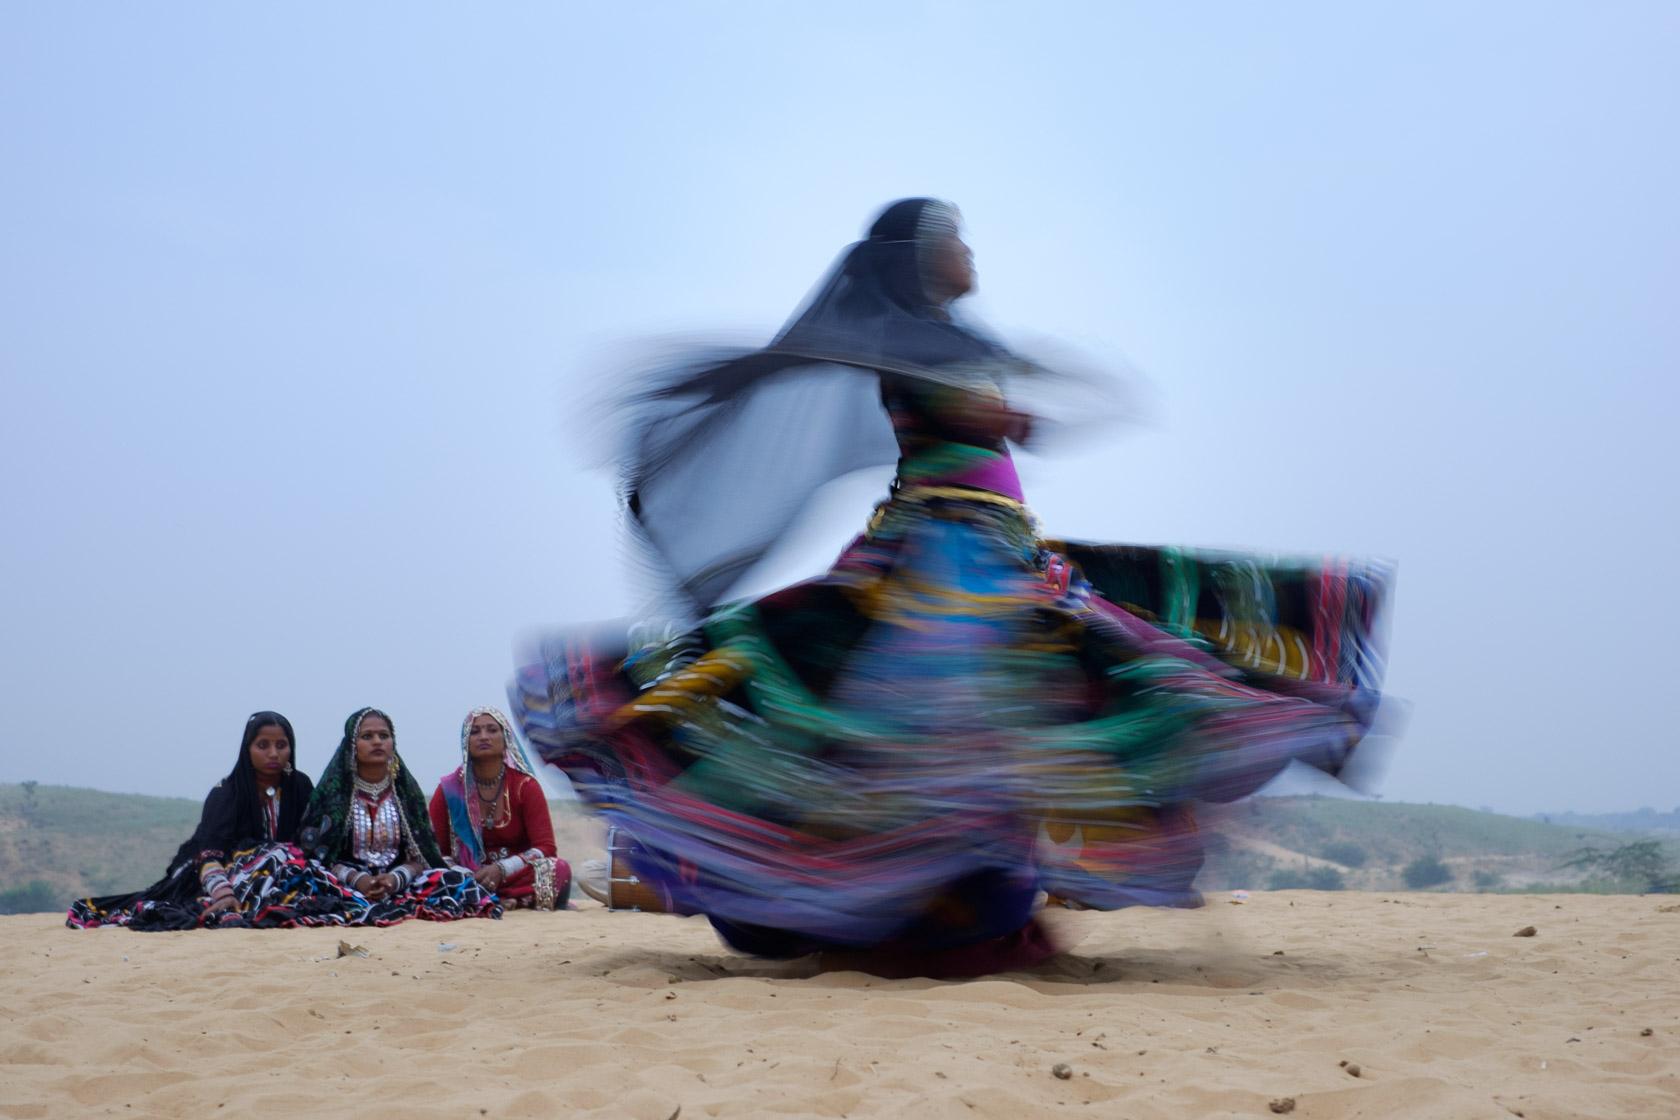 Kalbelia Dancing, Rajasthan